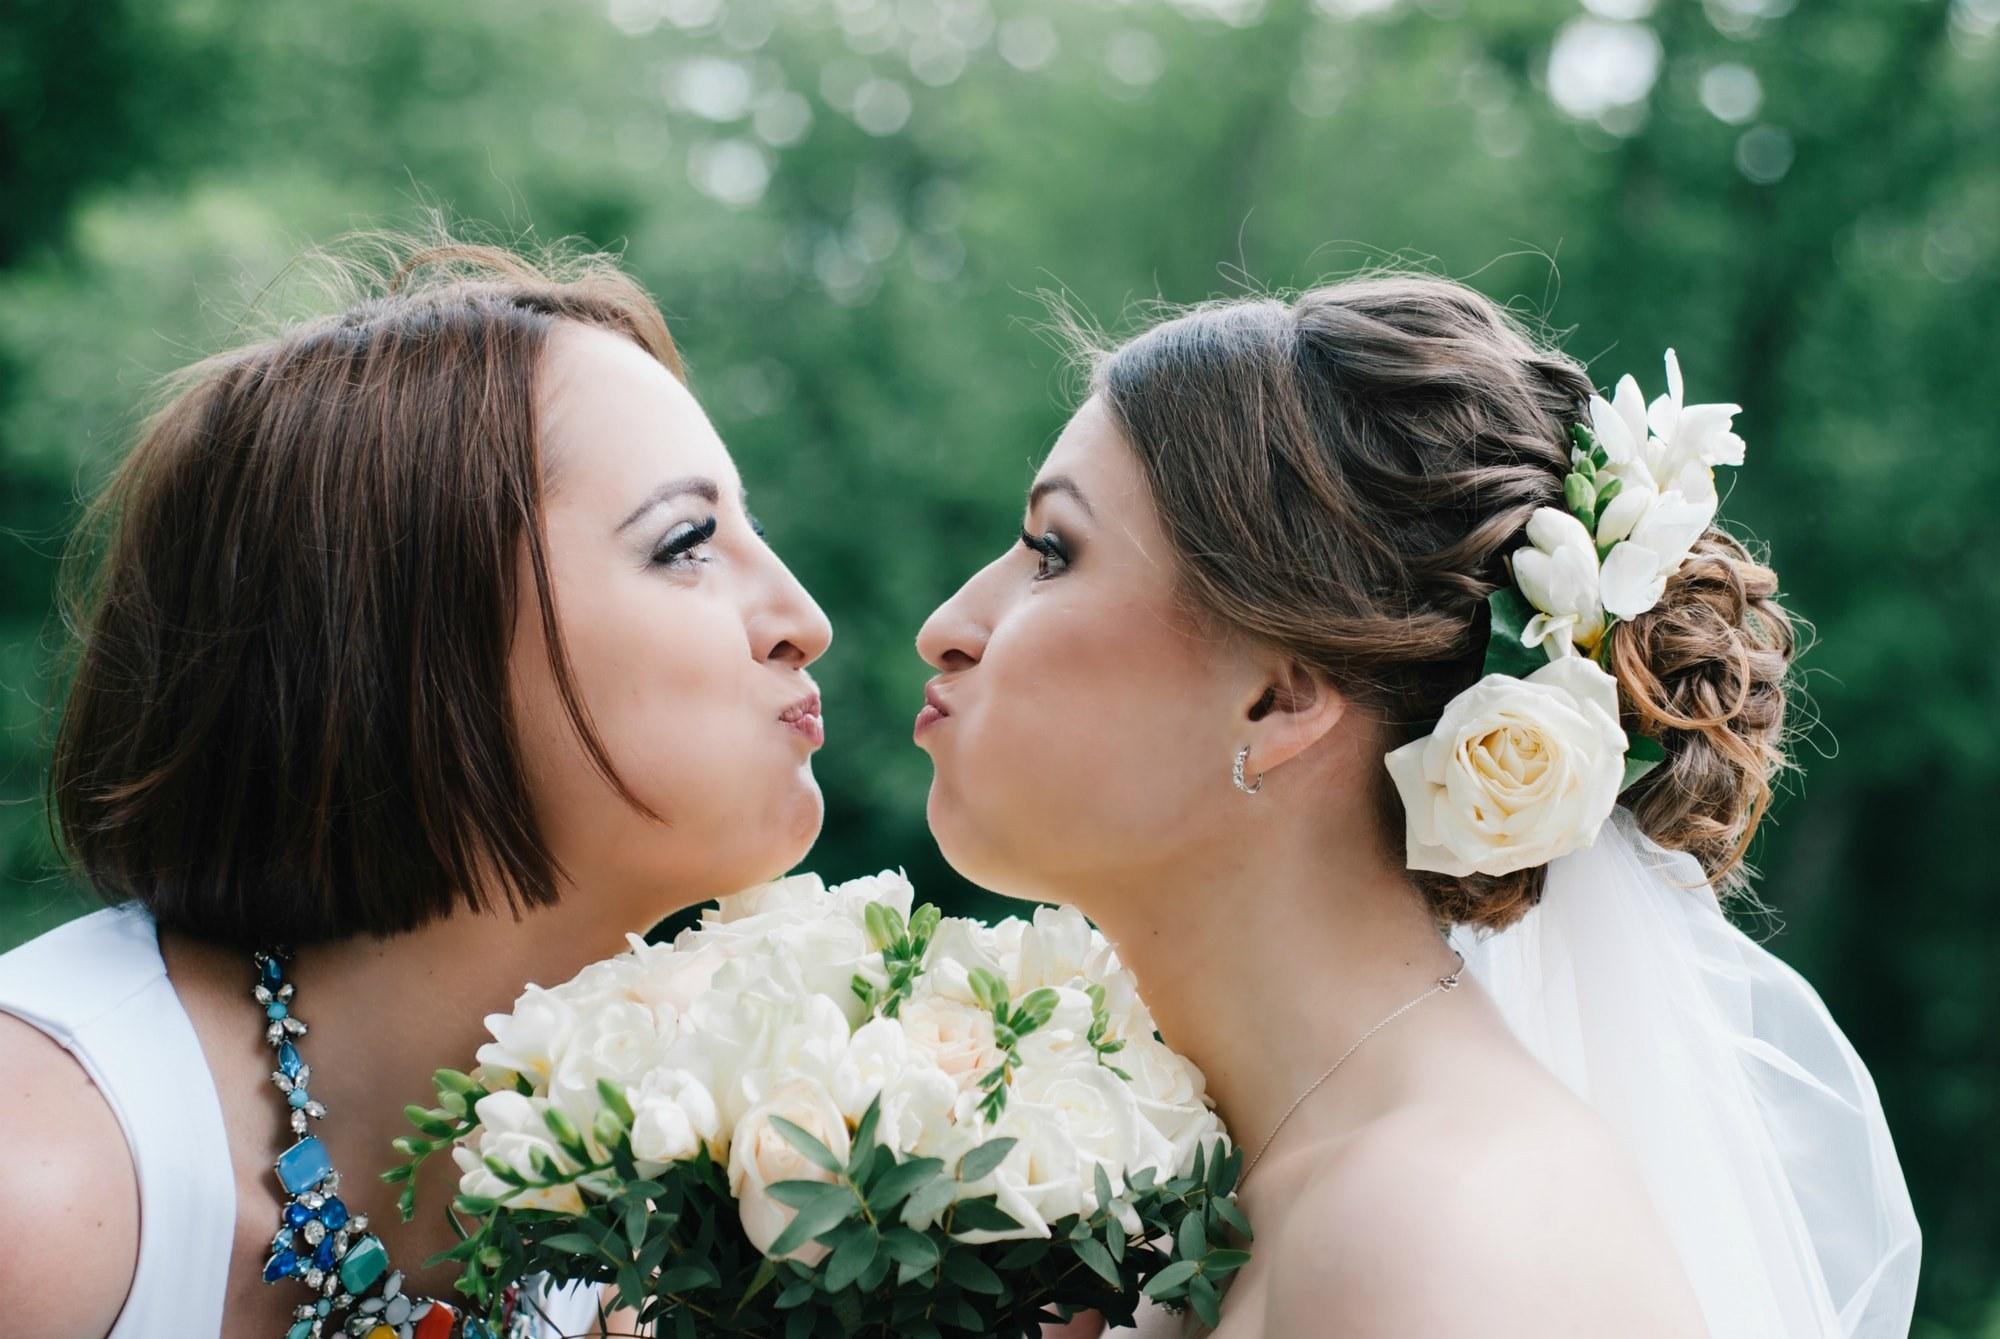 Невеста и подружка надули щеки - Фотограф Киев - Женя Лайт